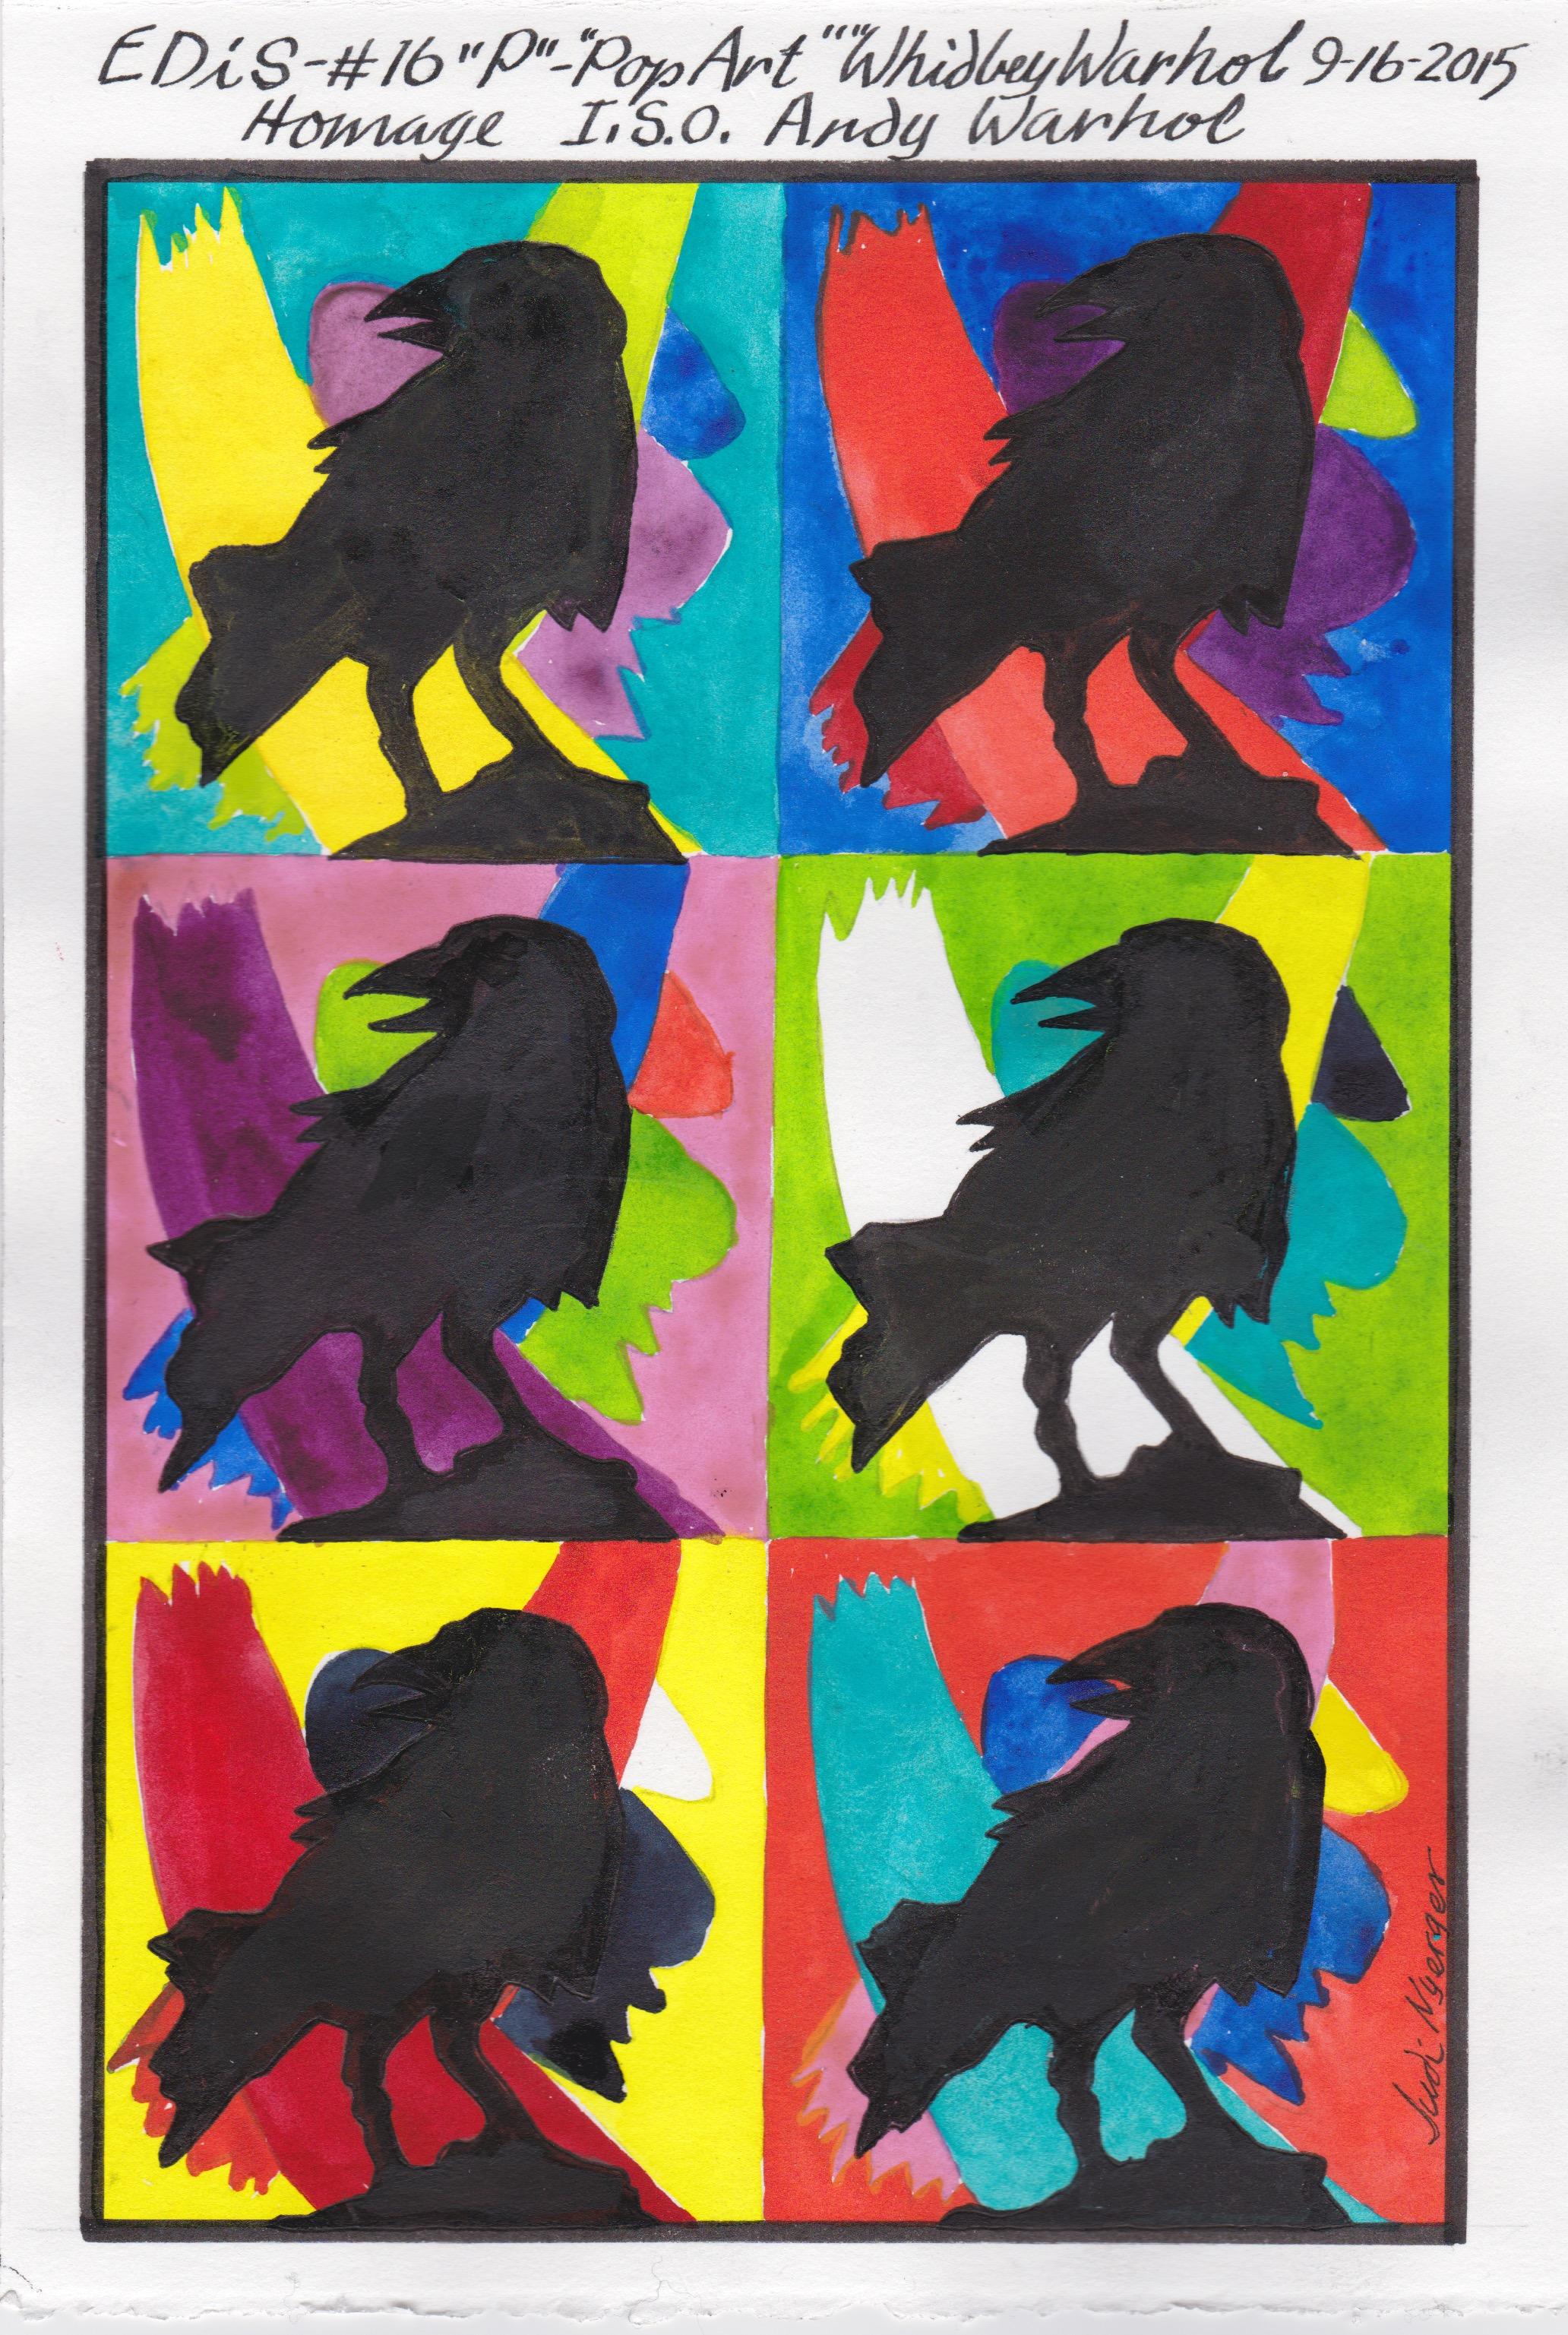 EDiS#16 - Pop Art 2 copy.jpeg